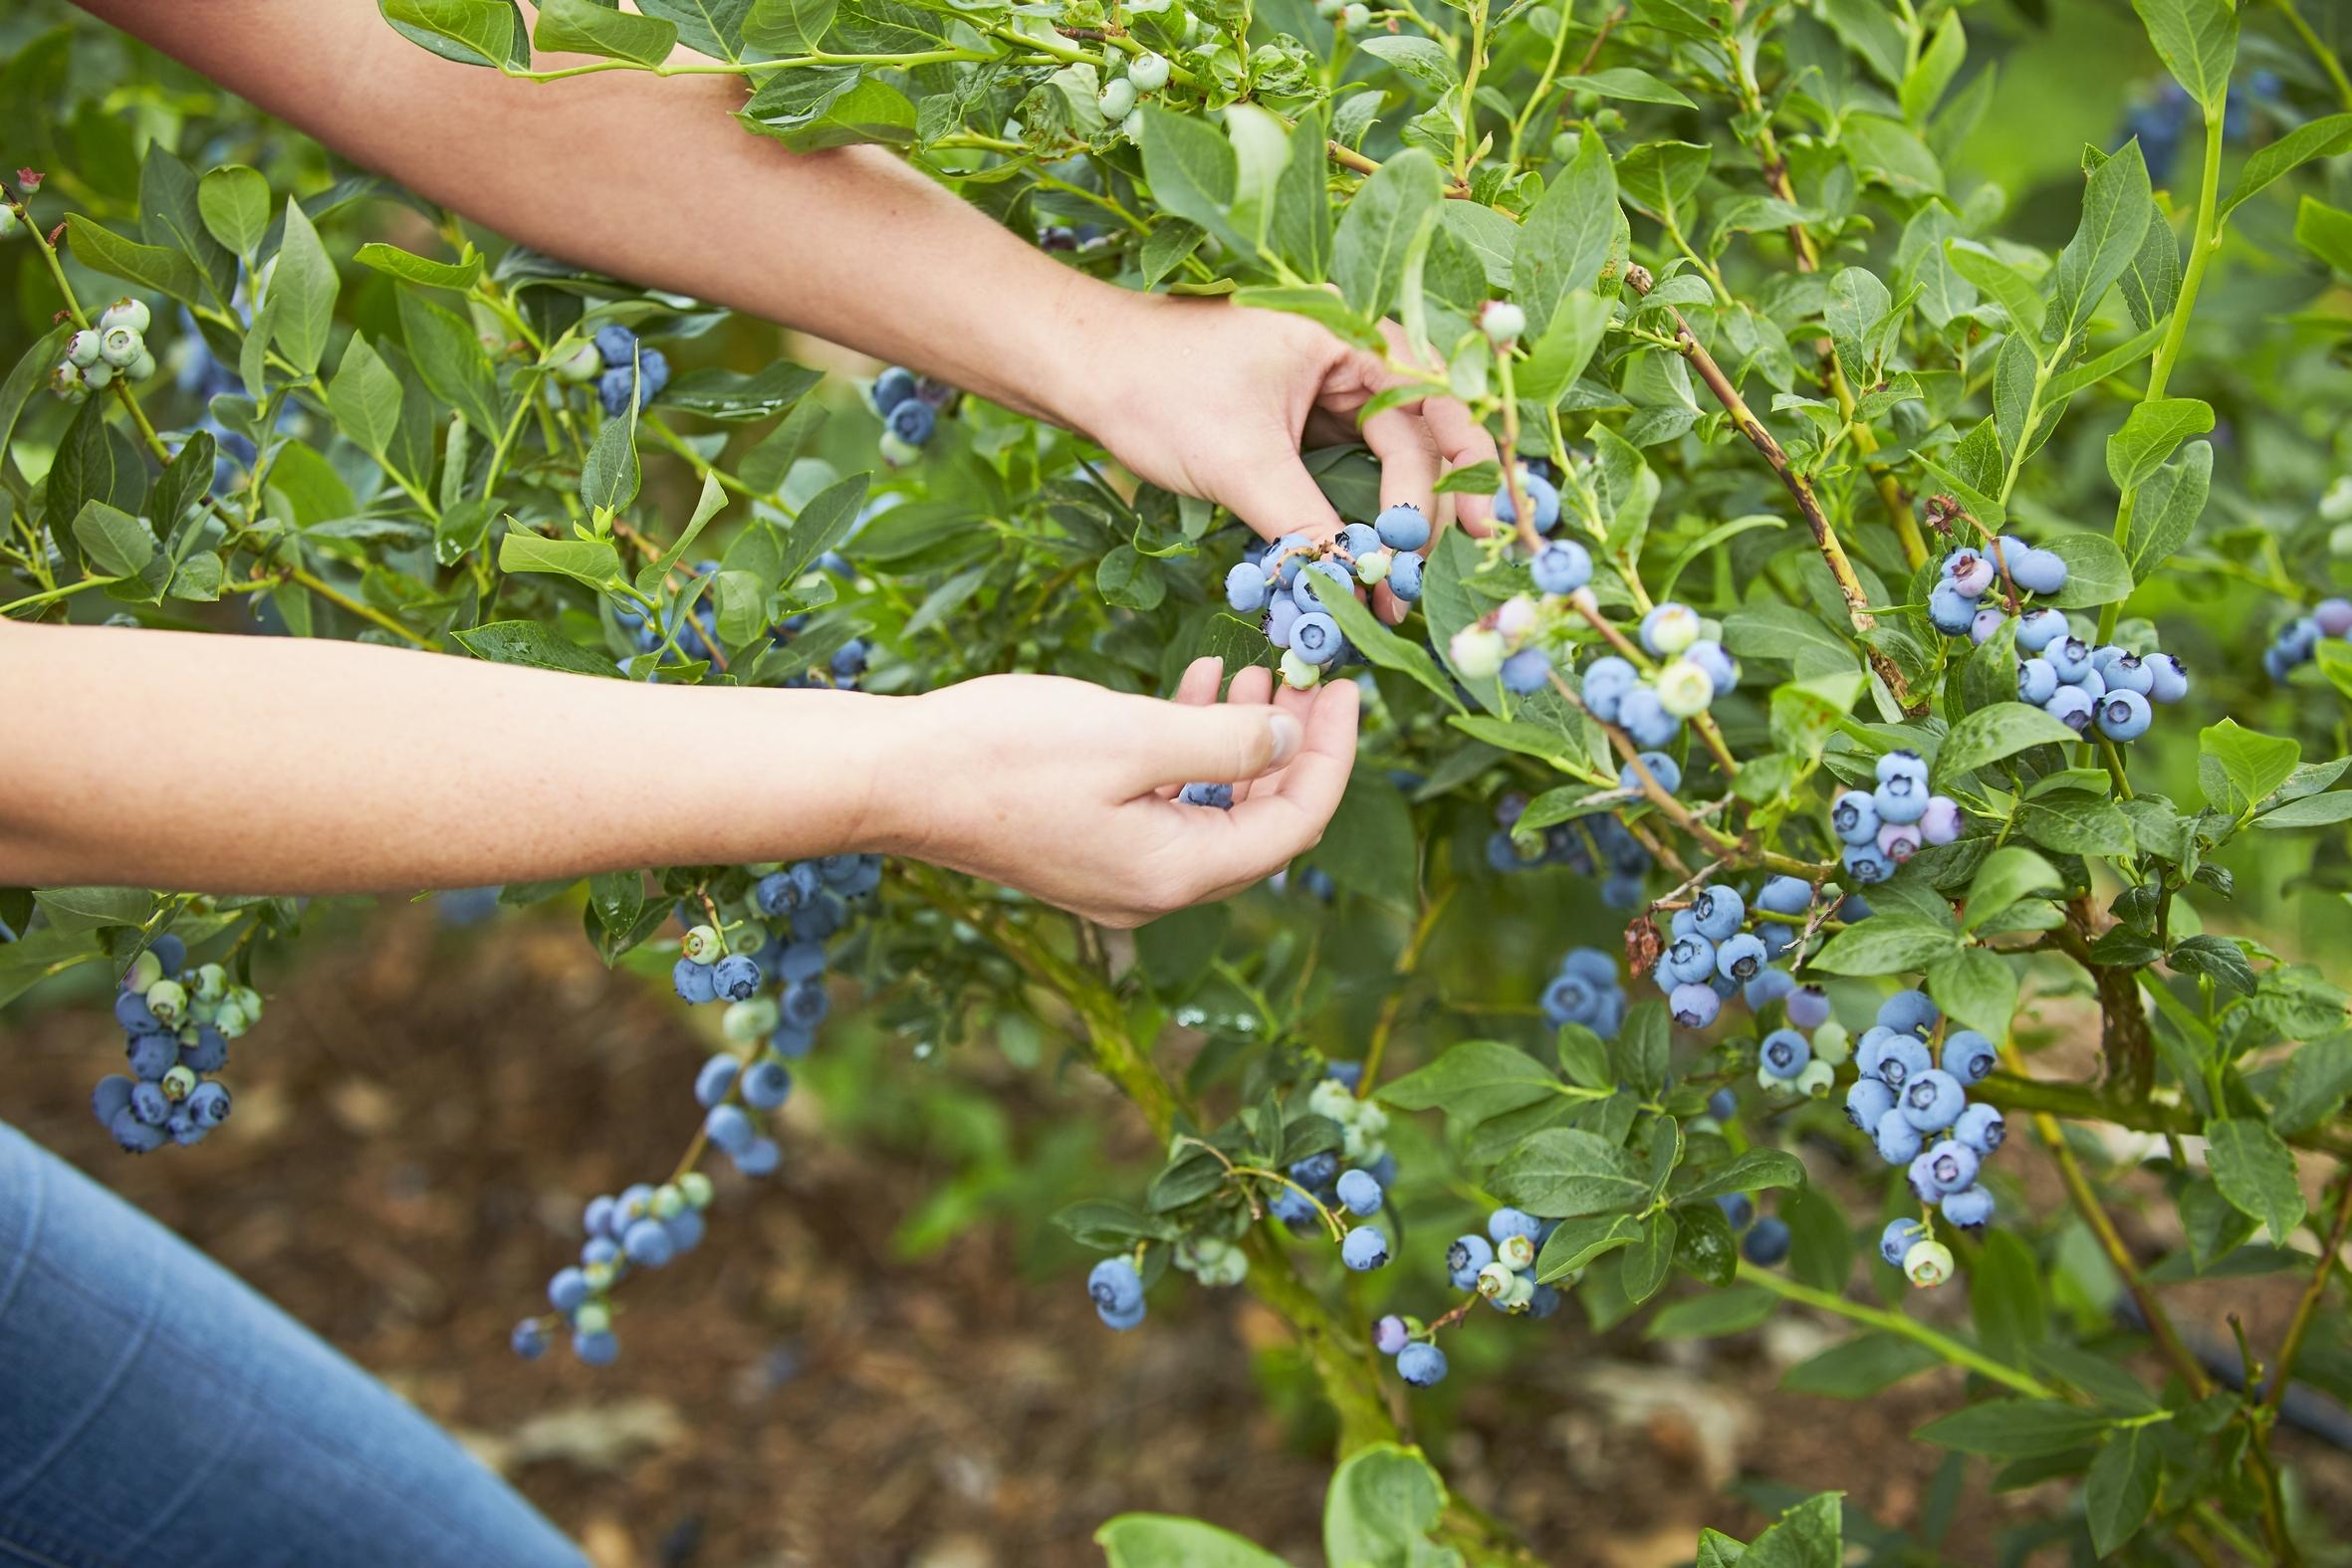 Blau, süß & einfach köstlich: Heidelbeeren aus heimischem Anbau